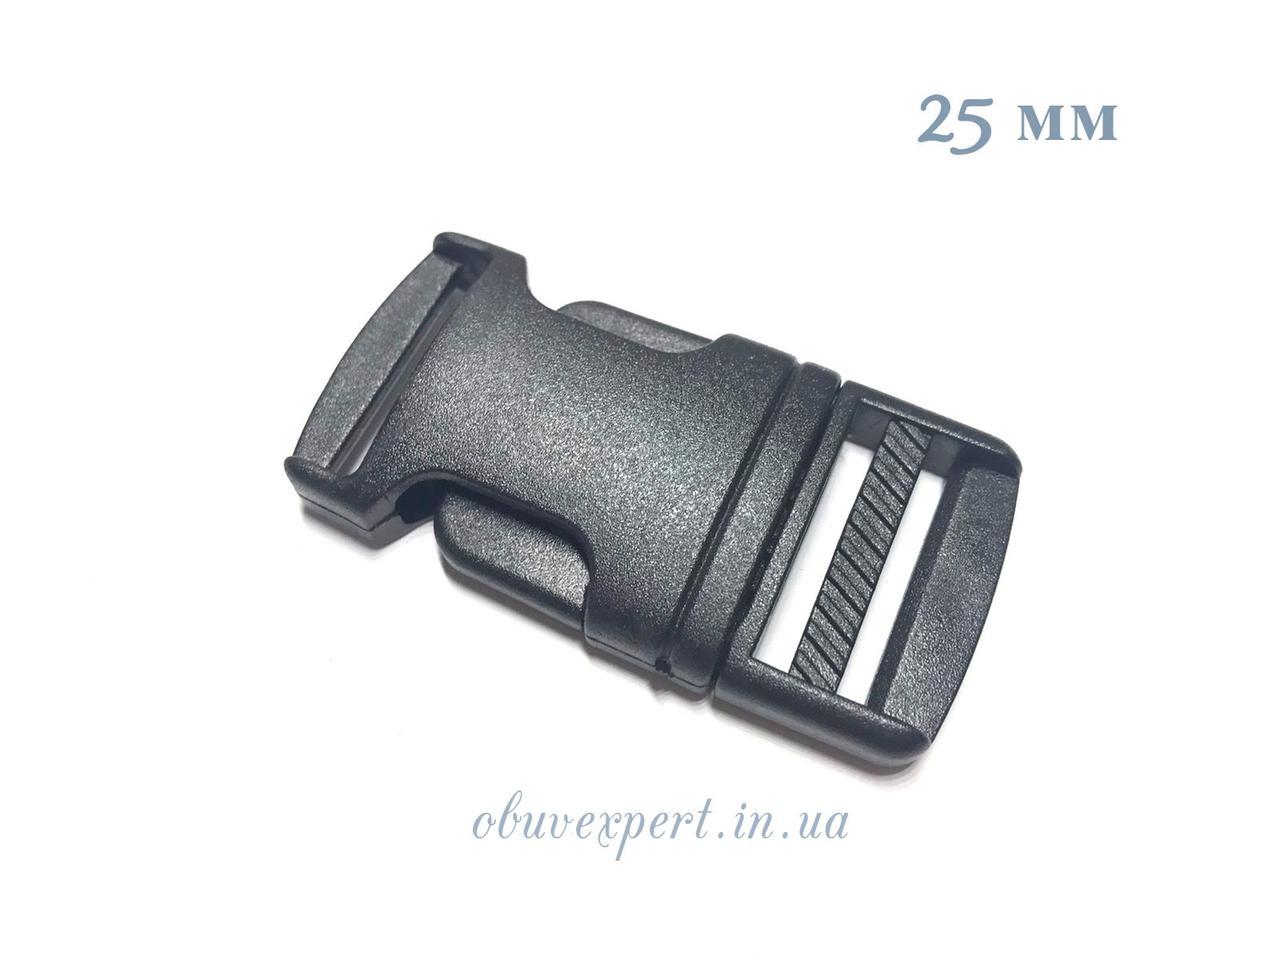 Застежка-фастекс пластиковая 25 мм Черный